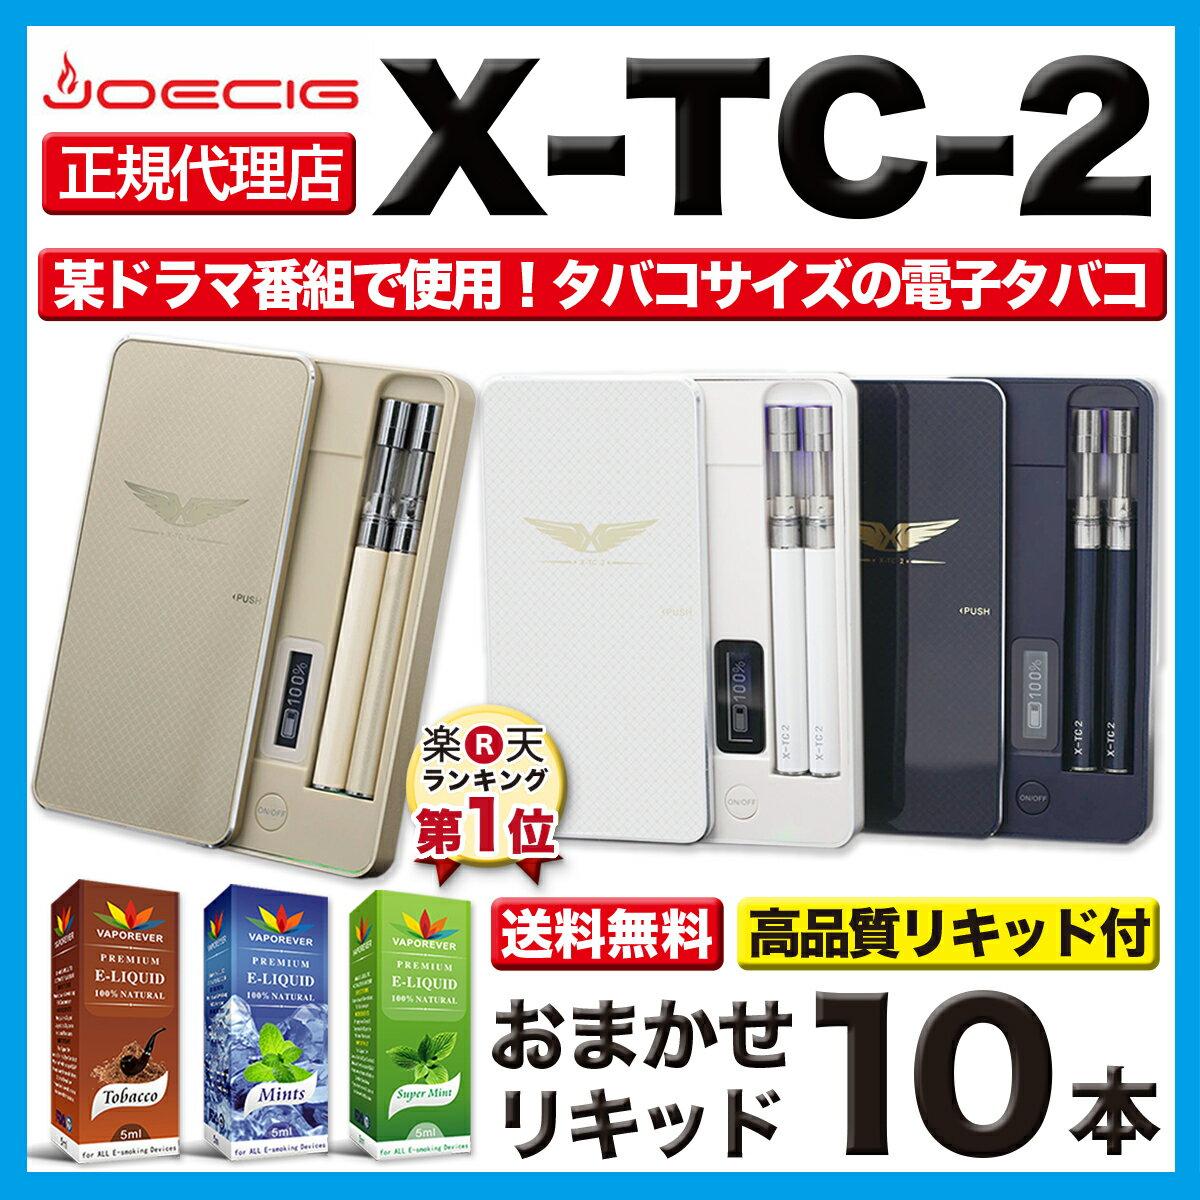 在庫豊富!!電子タバコ 【送料無料】【JOECIG X-TC-2】【正規品】【日本語説明書付き】【厳選おまかせリキッド10本付き】【ニードルボトル付き】某ドラマで使用した電子タバコ! アップグレードモデル X-TC2 VAPE タバコサイズ 電子たばこ EMILI